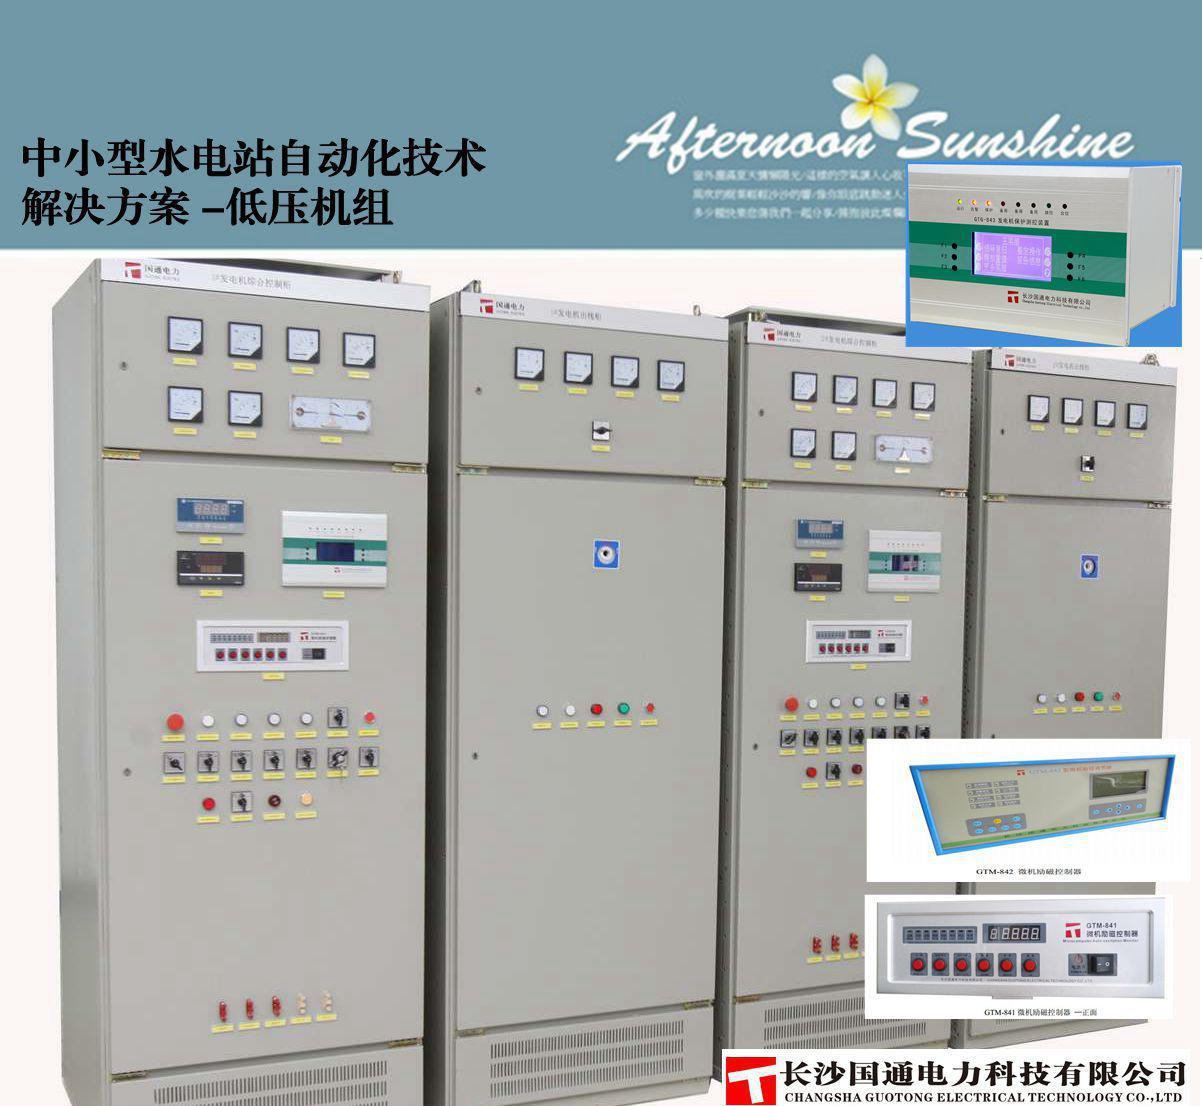 中小型水电站自动化技术解决方案 -组图